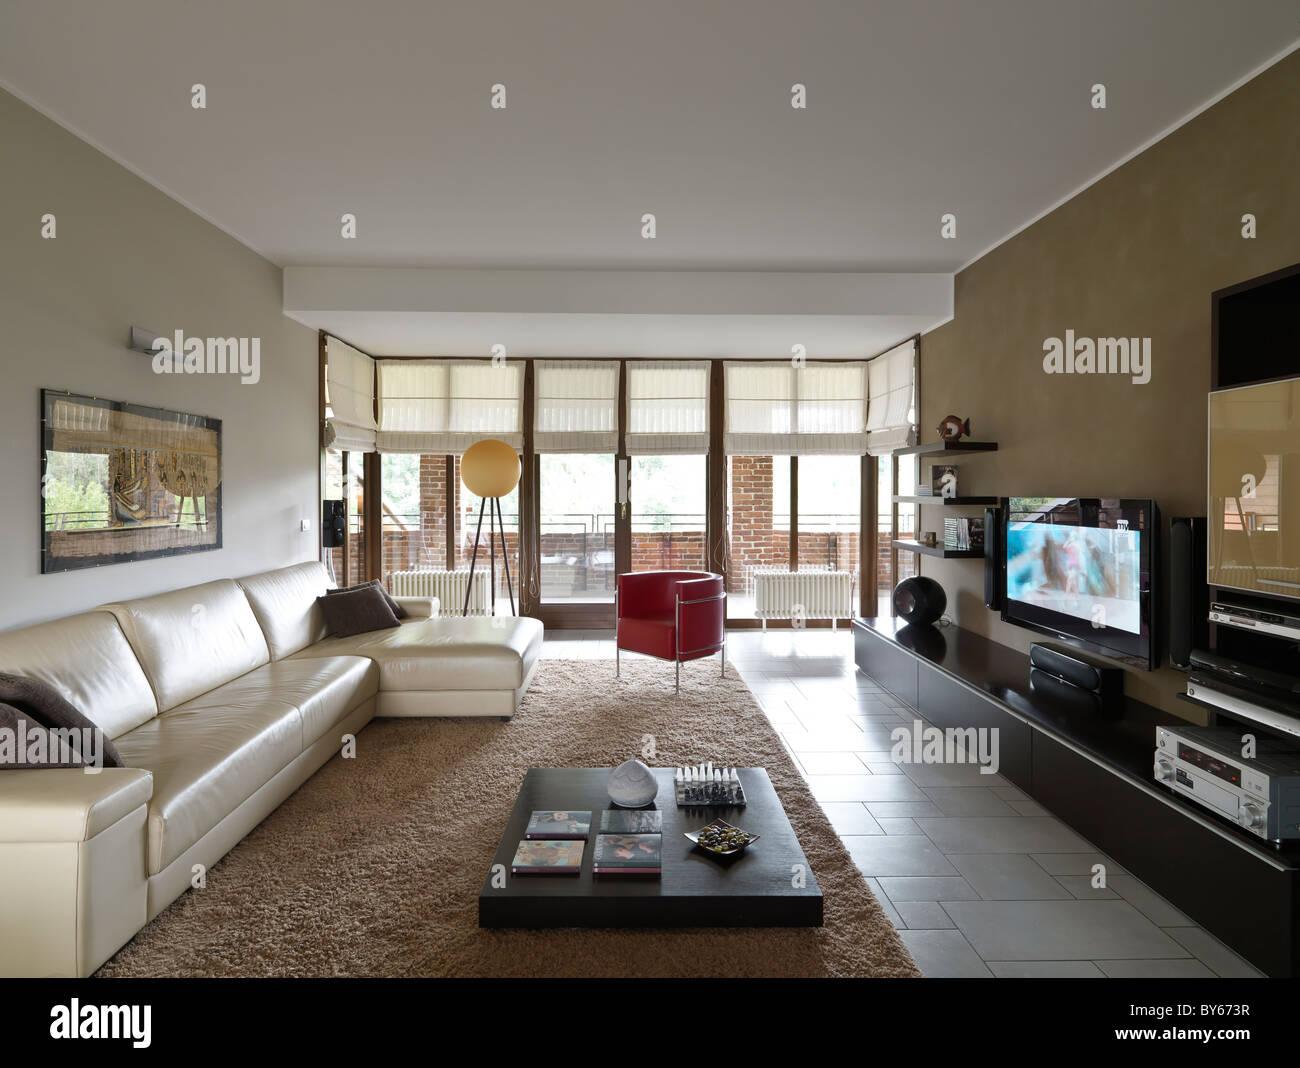 Moderna sala de estar con un sofá contemporáneo y un sillón de cuero de color beige y rojo Imagen De Stock